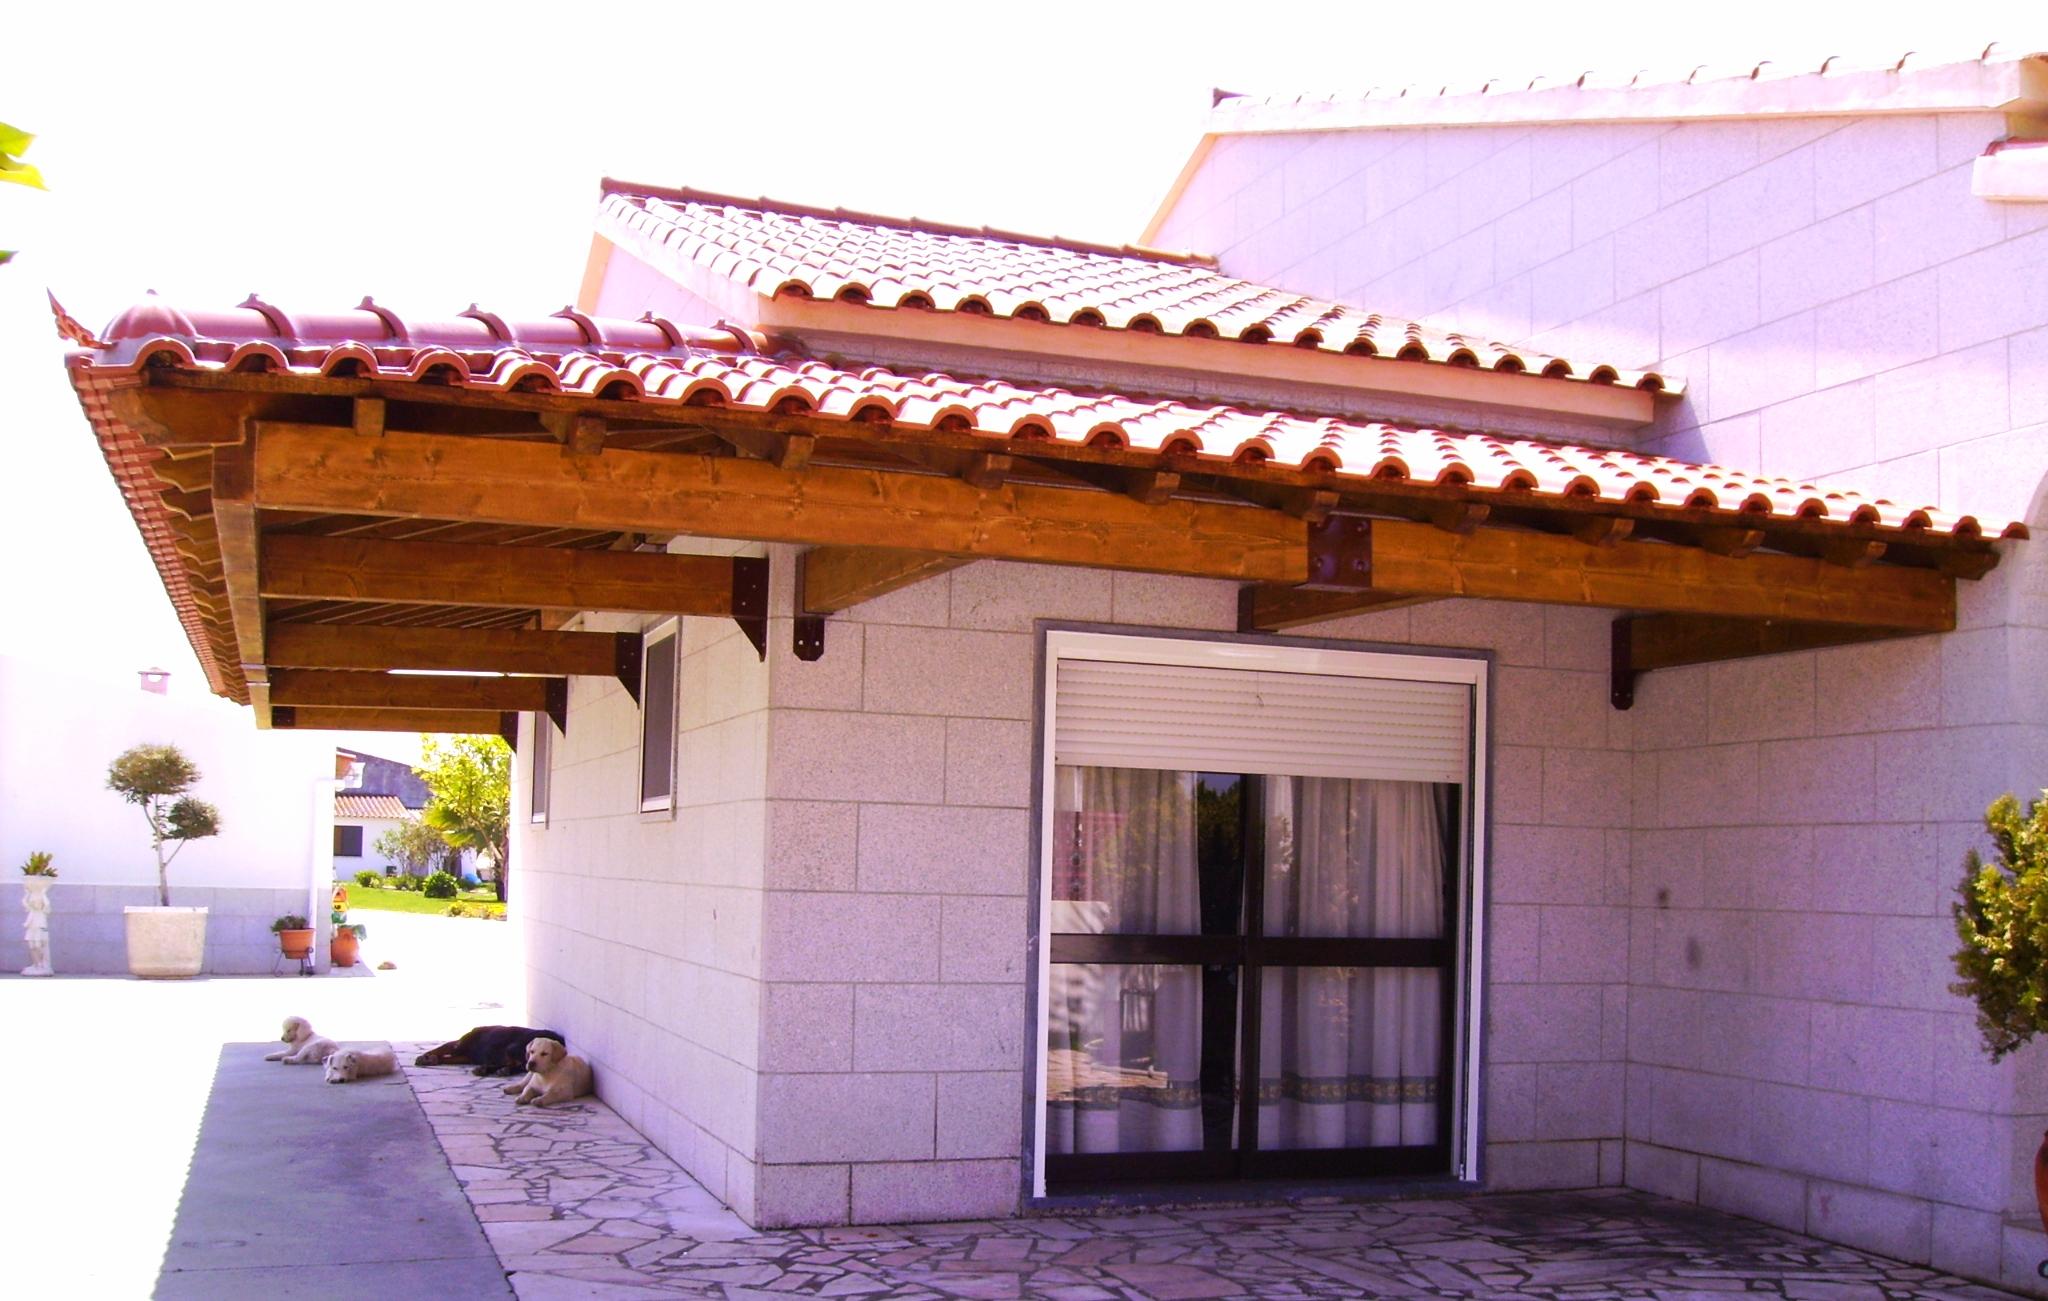 telheiros-madeira-pergolas-deck-terraços-varandas-estruturas madeira-jardins